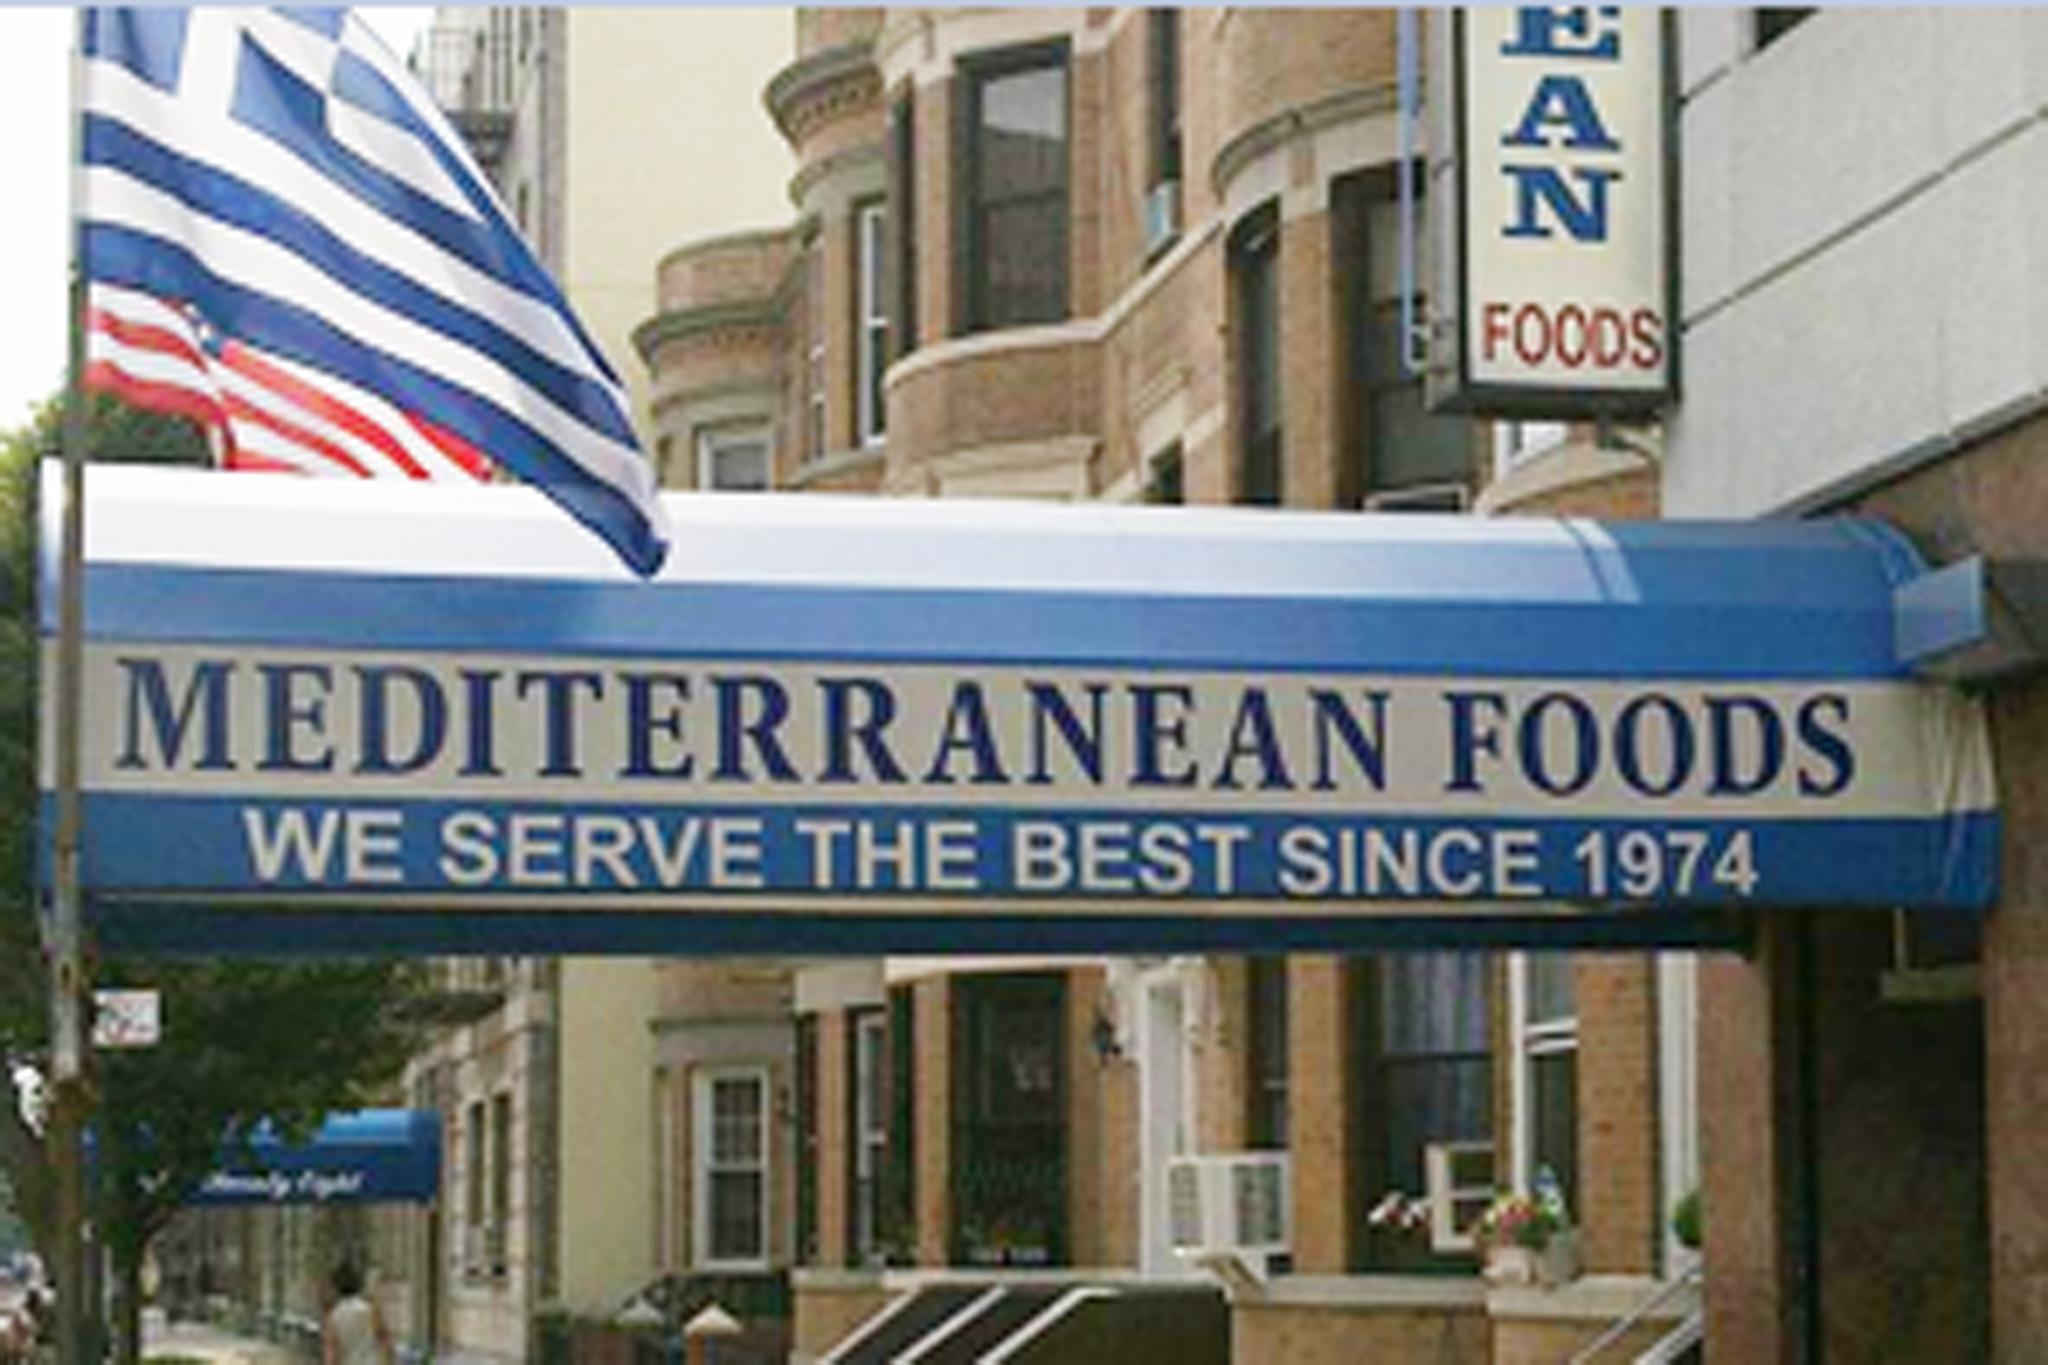 Mediterranean Foods Market Astoria